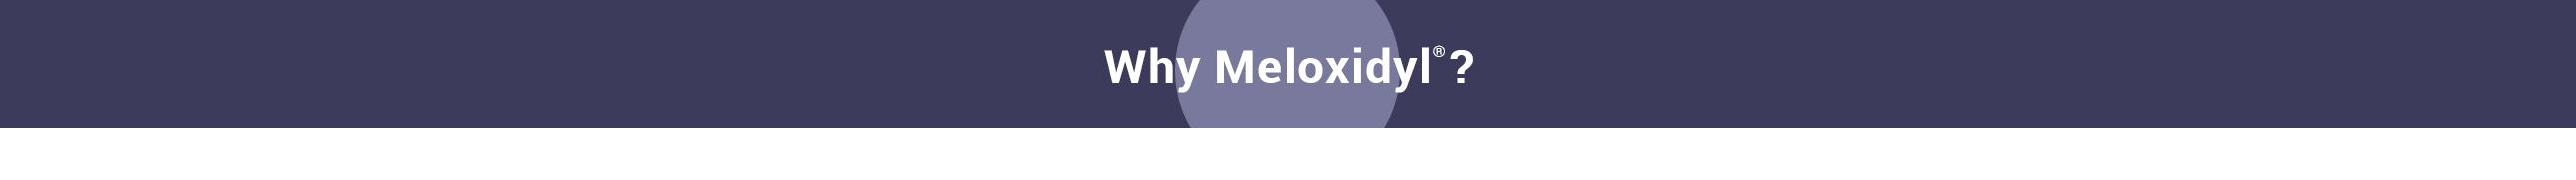 WhyMeloxidyl-Slider-5